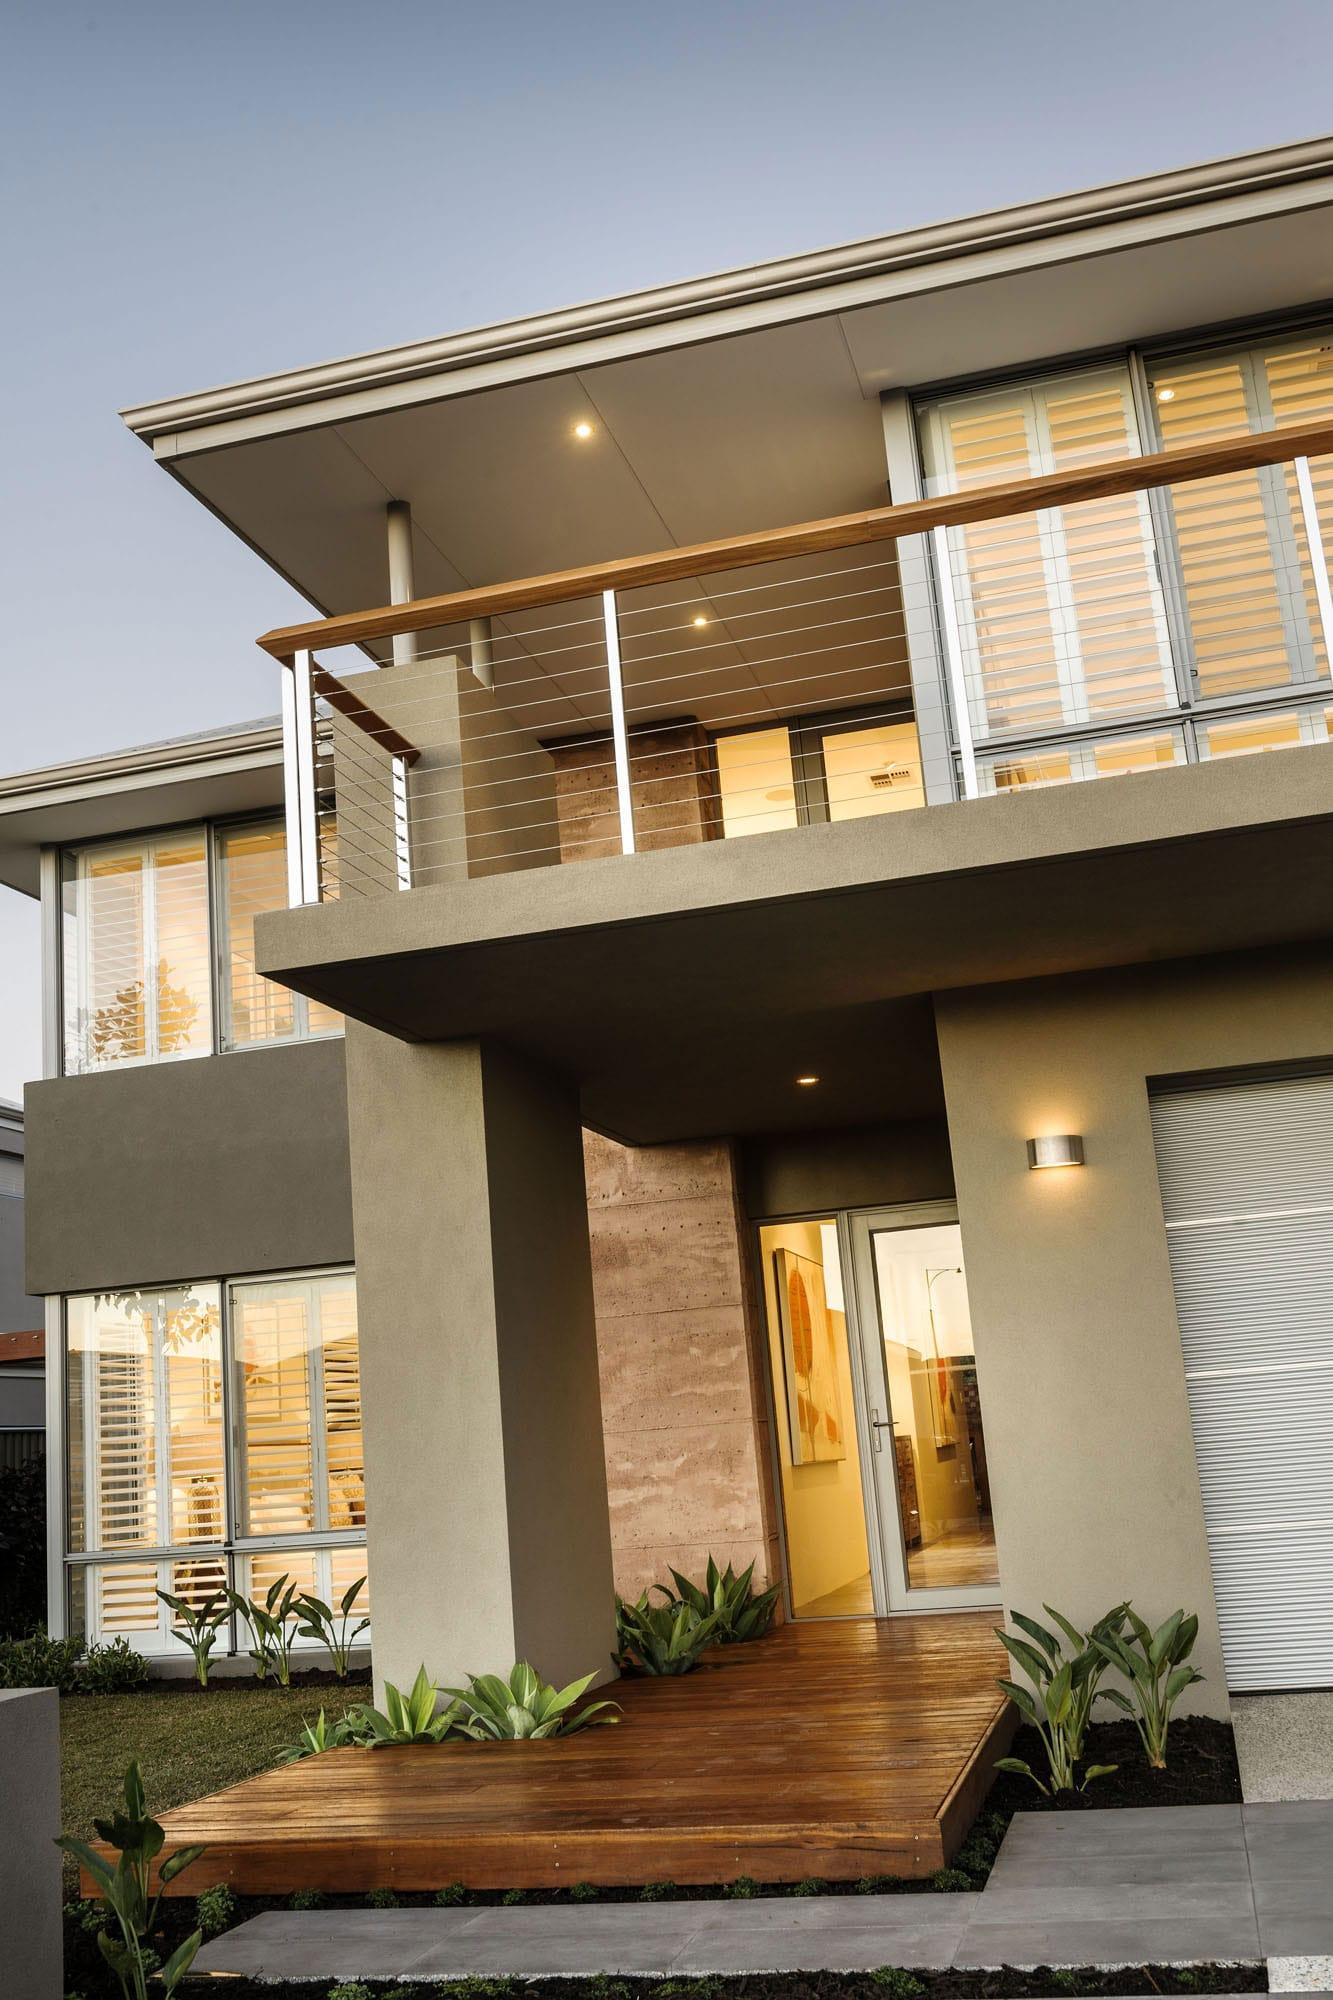 Diseño de casa moderna de dos pisos, fachada e interiores on Interiores De Casas Modernas  id=73342